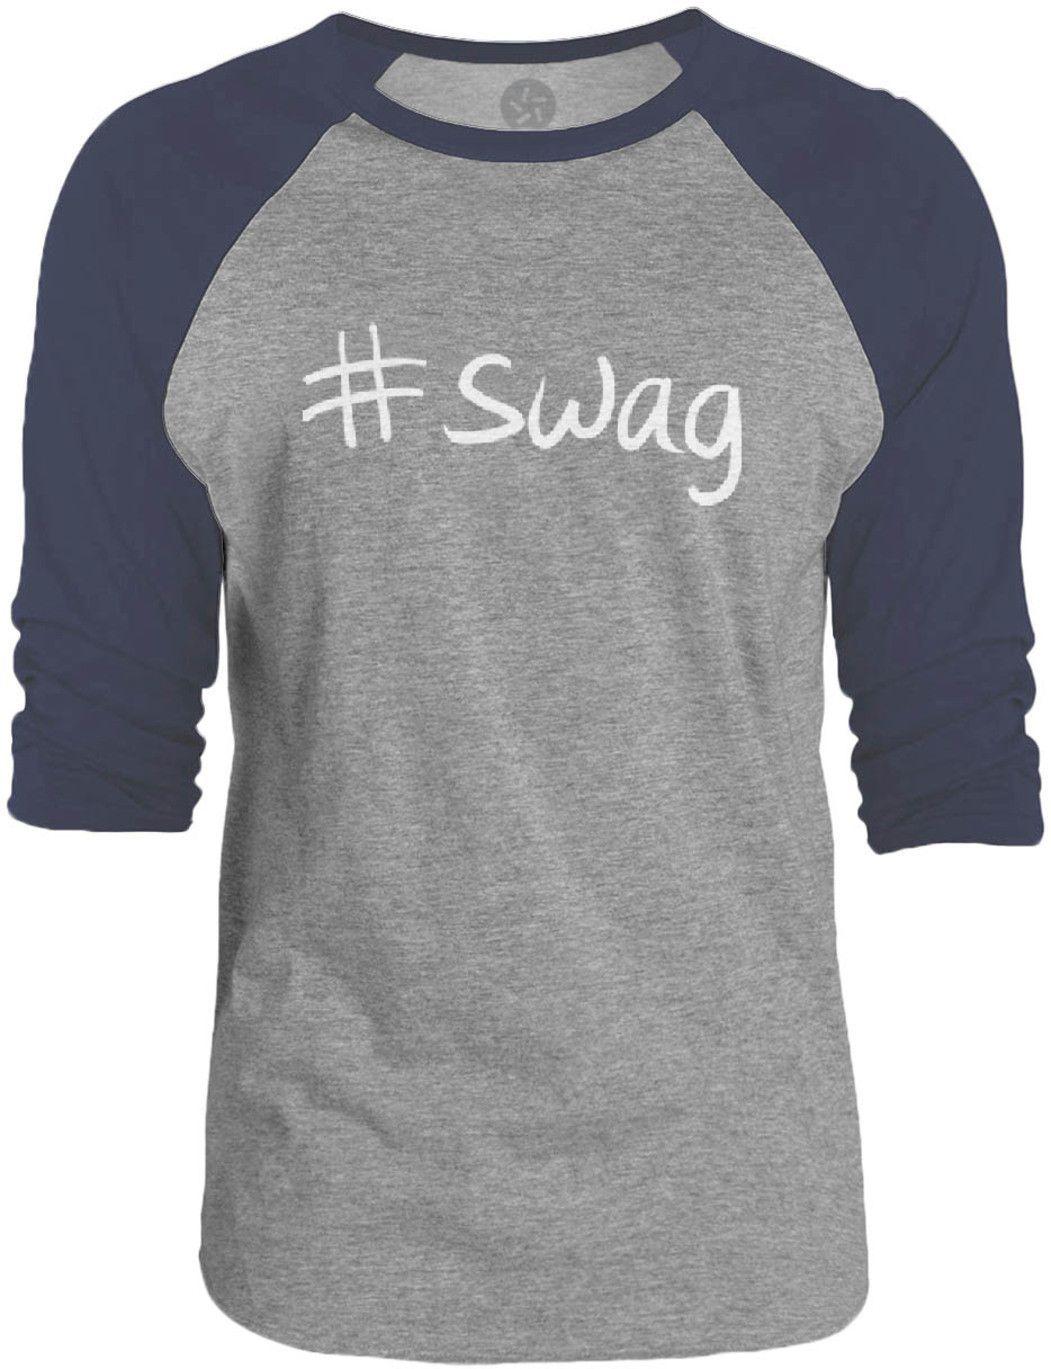 Big Texas Hastag Swag (White) 3/4-Sleeve Raglan Baseball T-Shirt